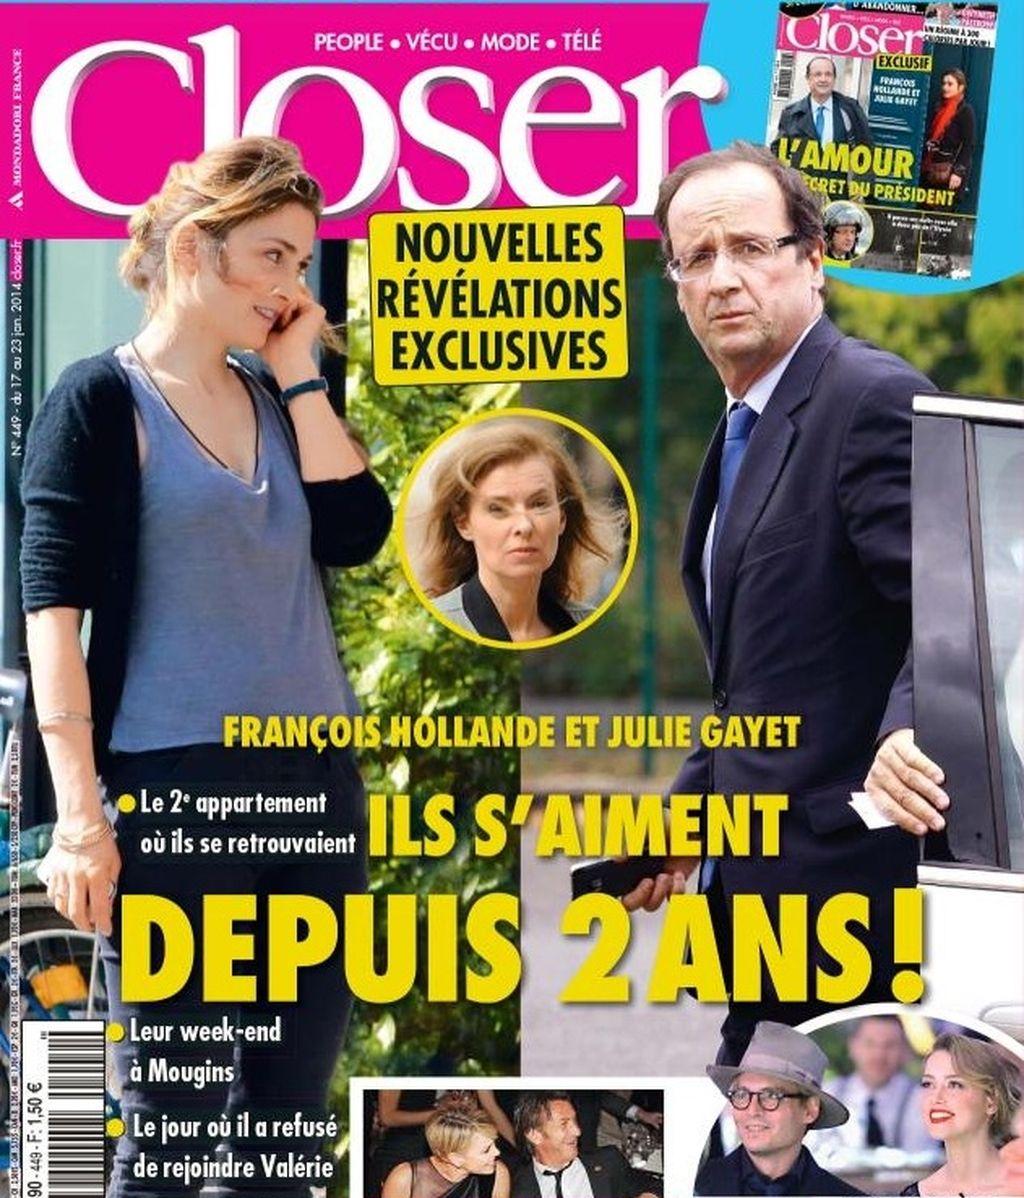 'Closer' afirma que Hollande y Julie Gayet llevan dos años juntos